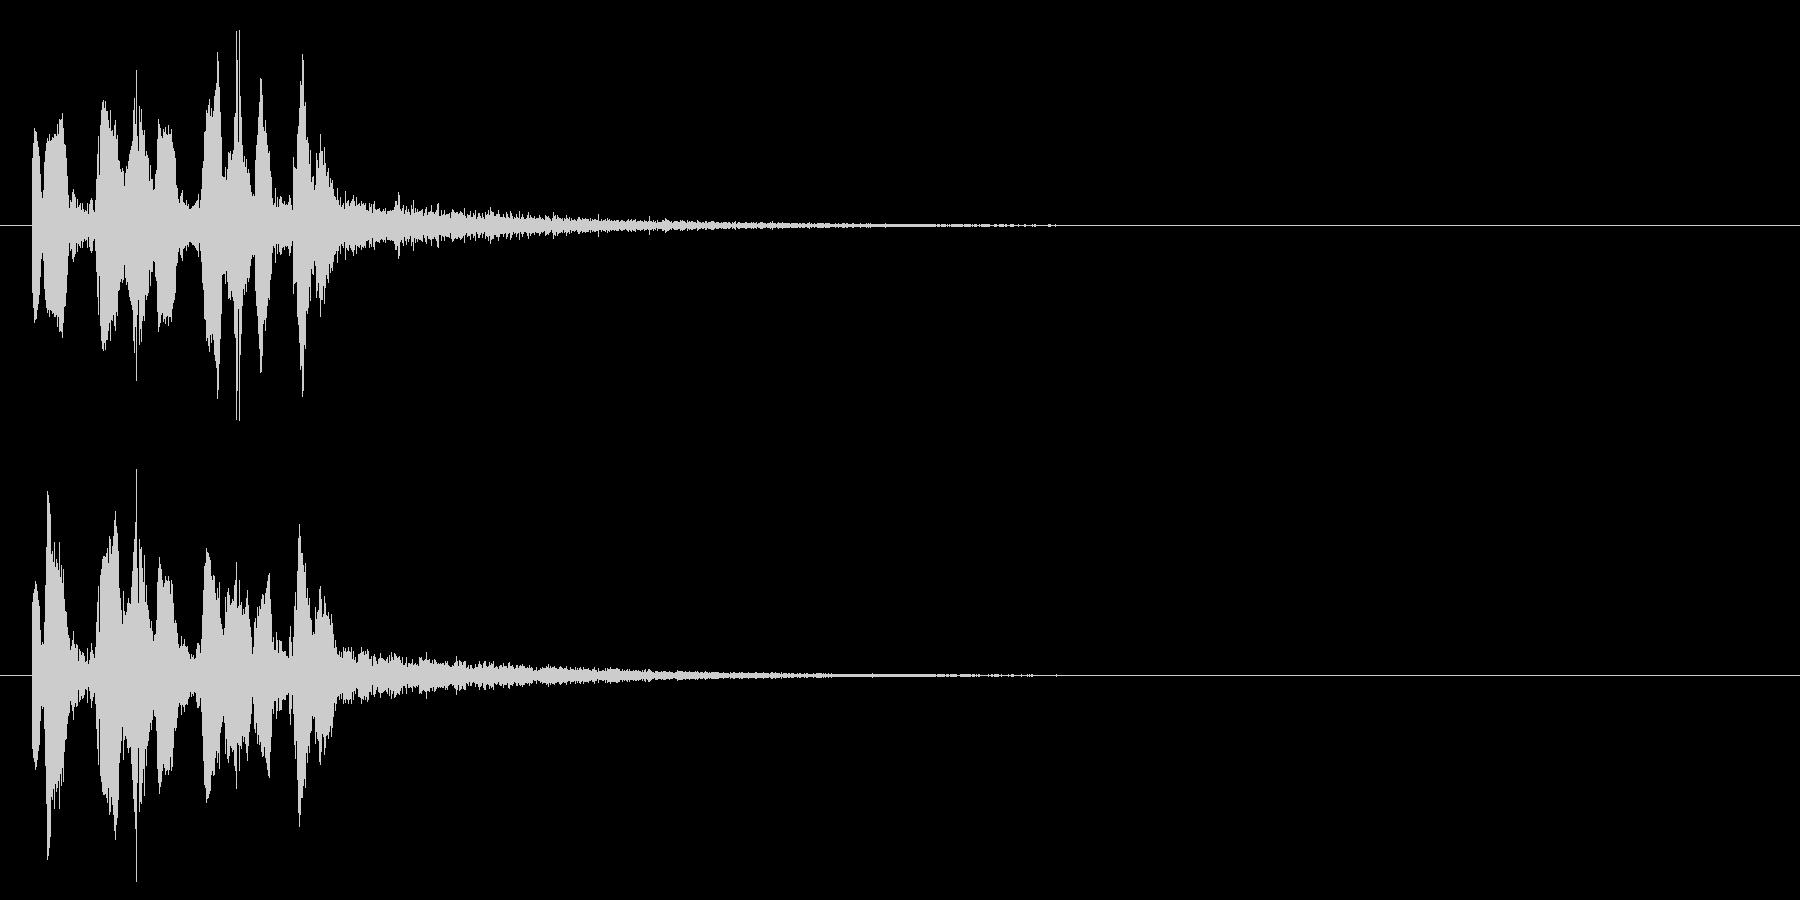 キュッポキュッポキュッポ(ビーム音)の未再生の波形